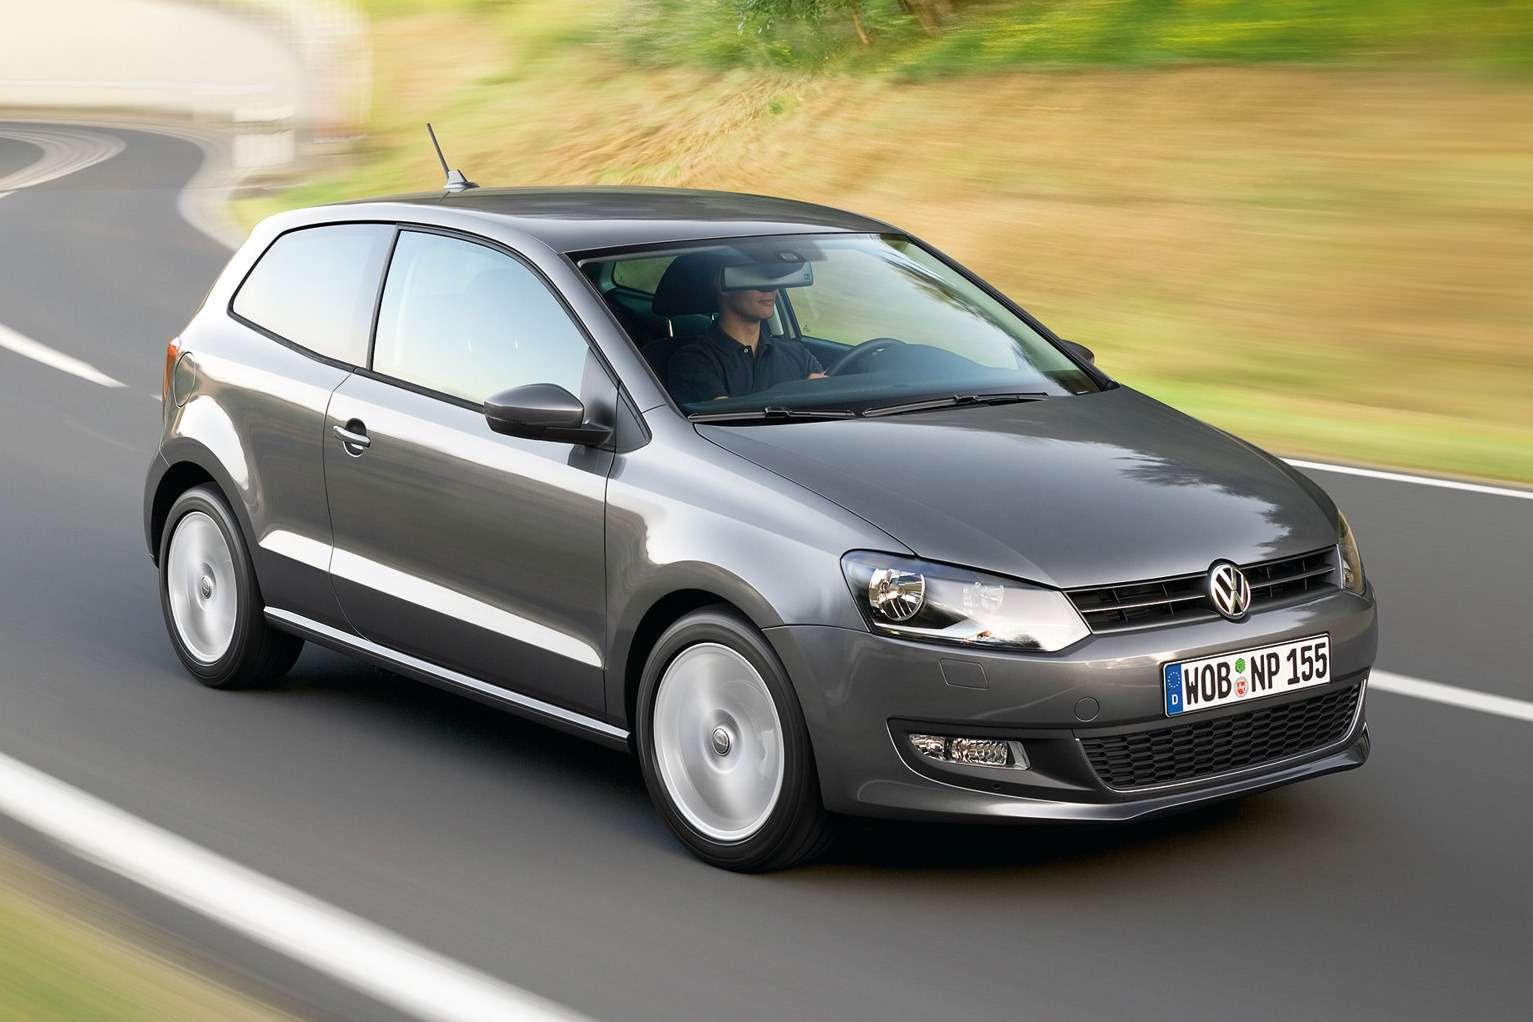 Volkswagen-Polo_3-Door_2010_1600x1200_wallpaper_02